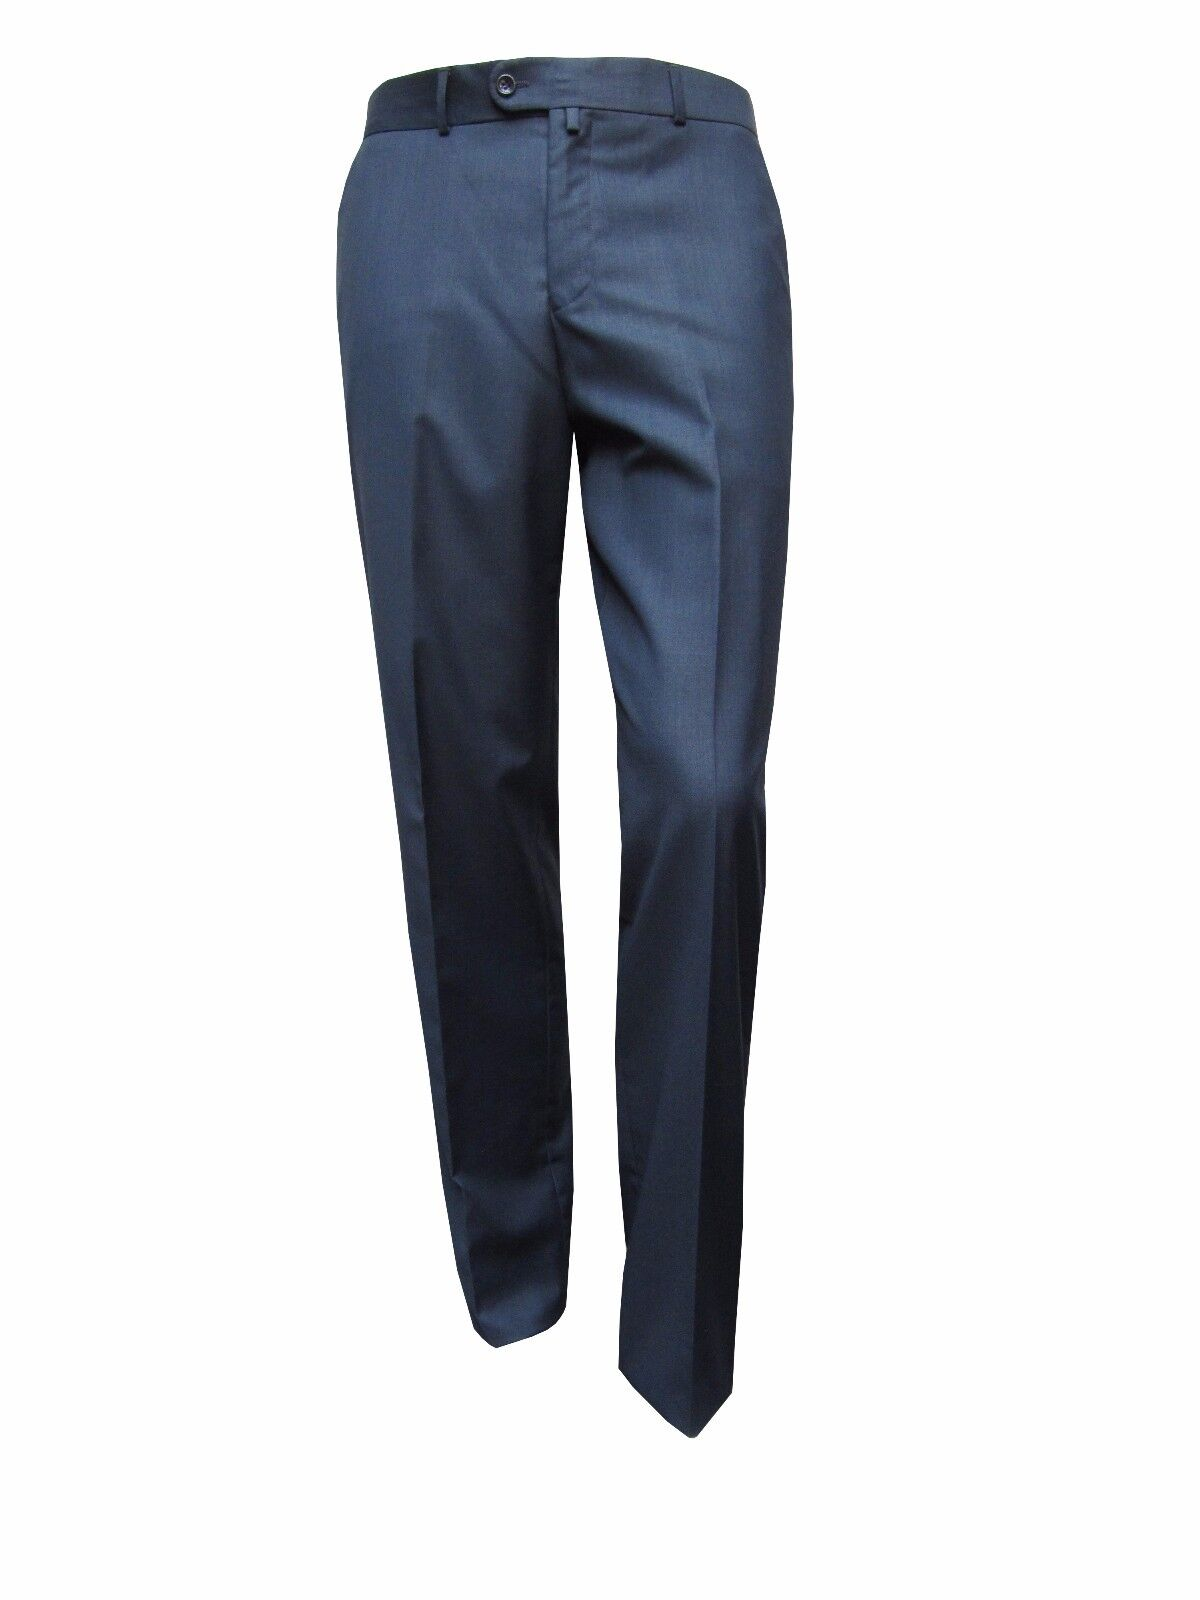 Herrenhose ohne Bundfalte Gr.66 blau grau       Sonderkauf    Überlegen    Um Zuerst Unter ähnlichen Produkten Rang